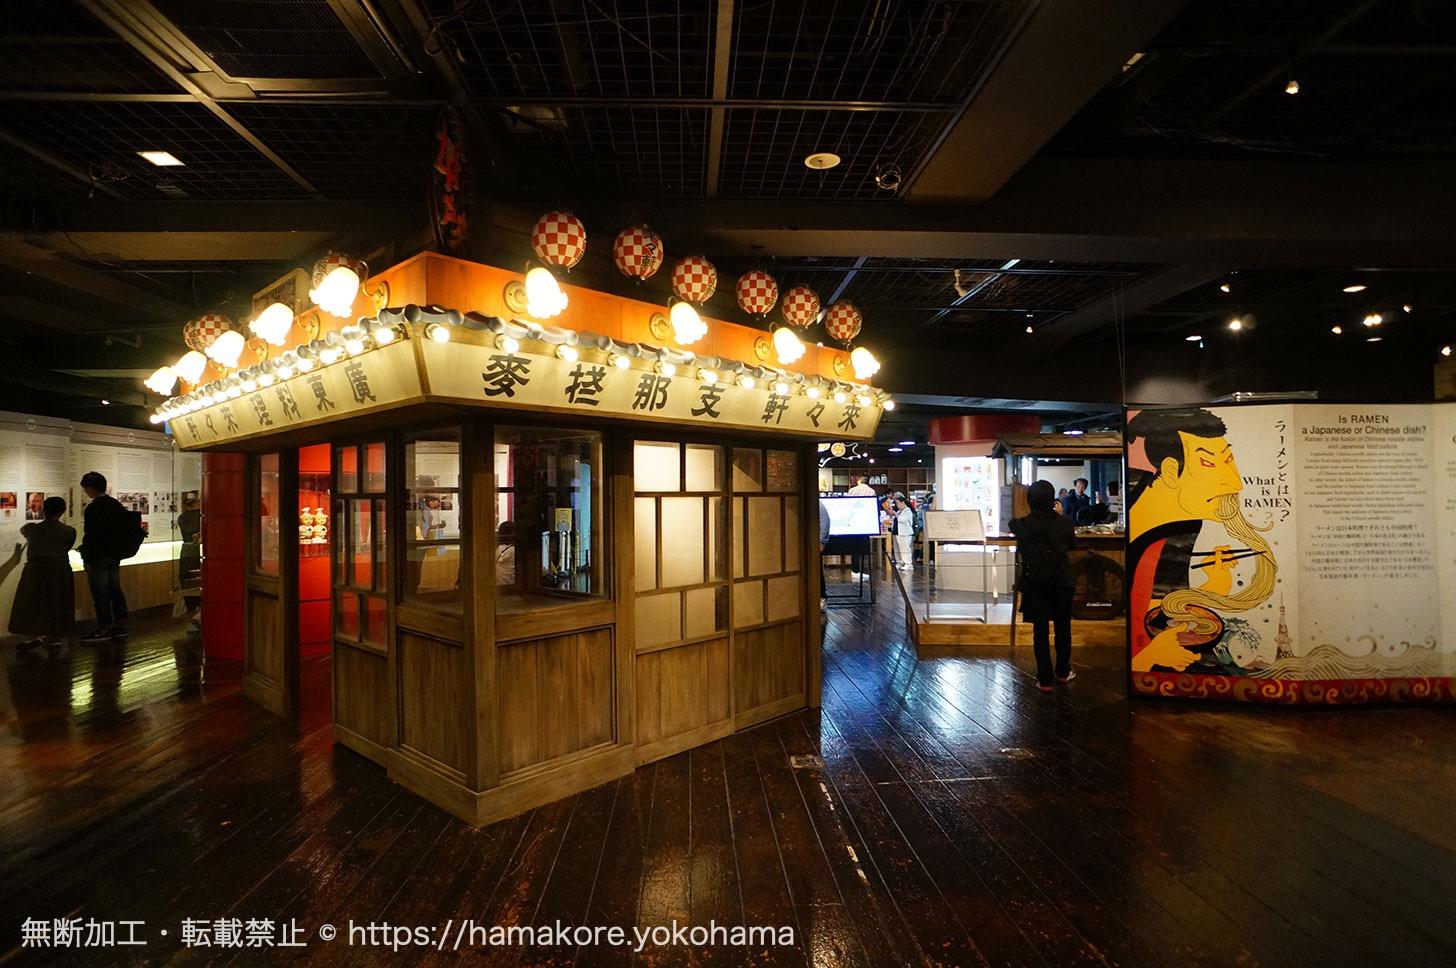 新横浜ラーメン博物館 1階リニューアル後の様子